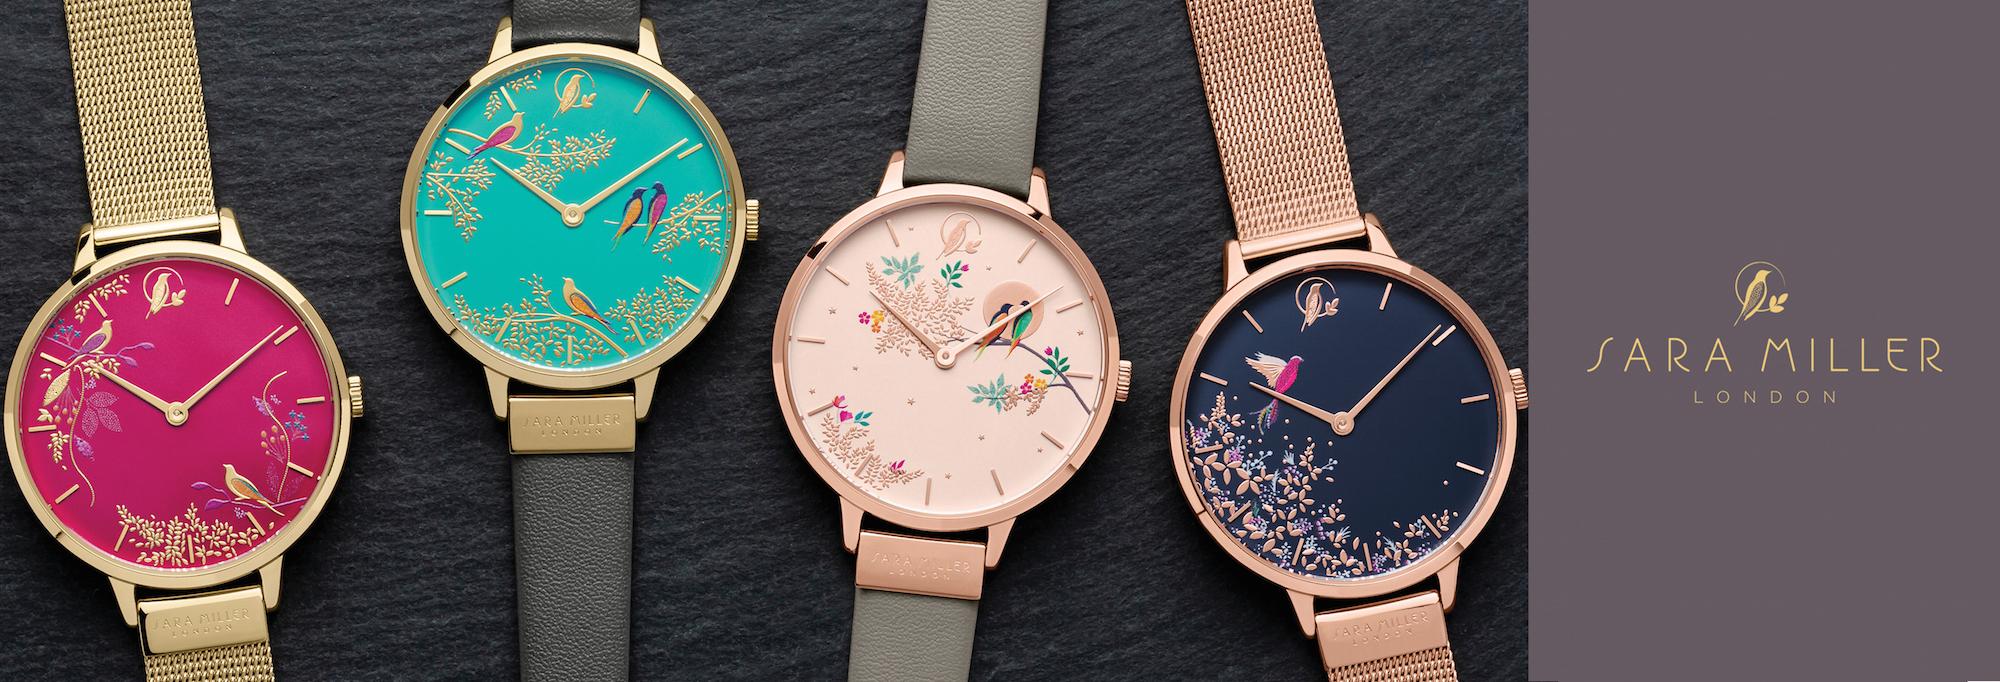 ロンドン発『サラミラーロンドン』の腕時計が日本初上陸!オフィスもデートもOKな華デザイン♡_1